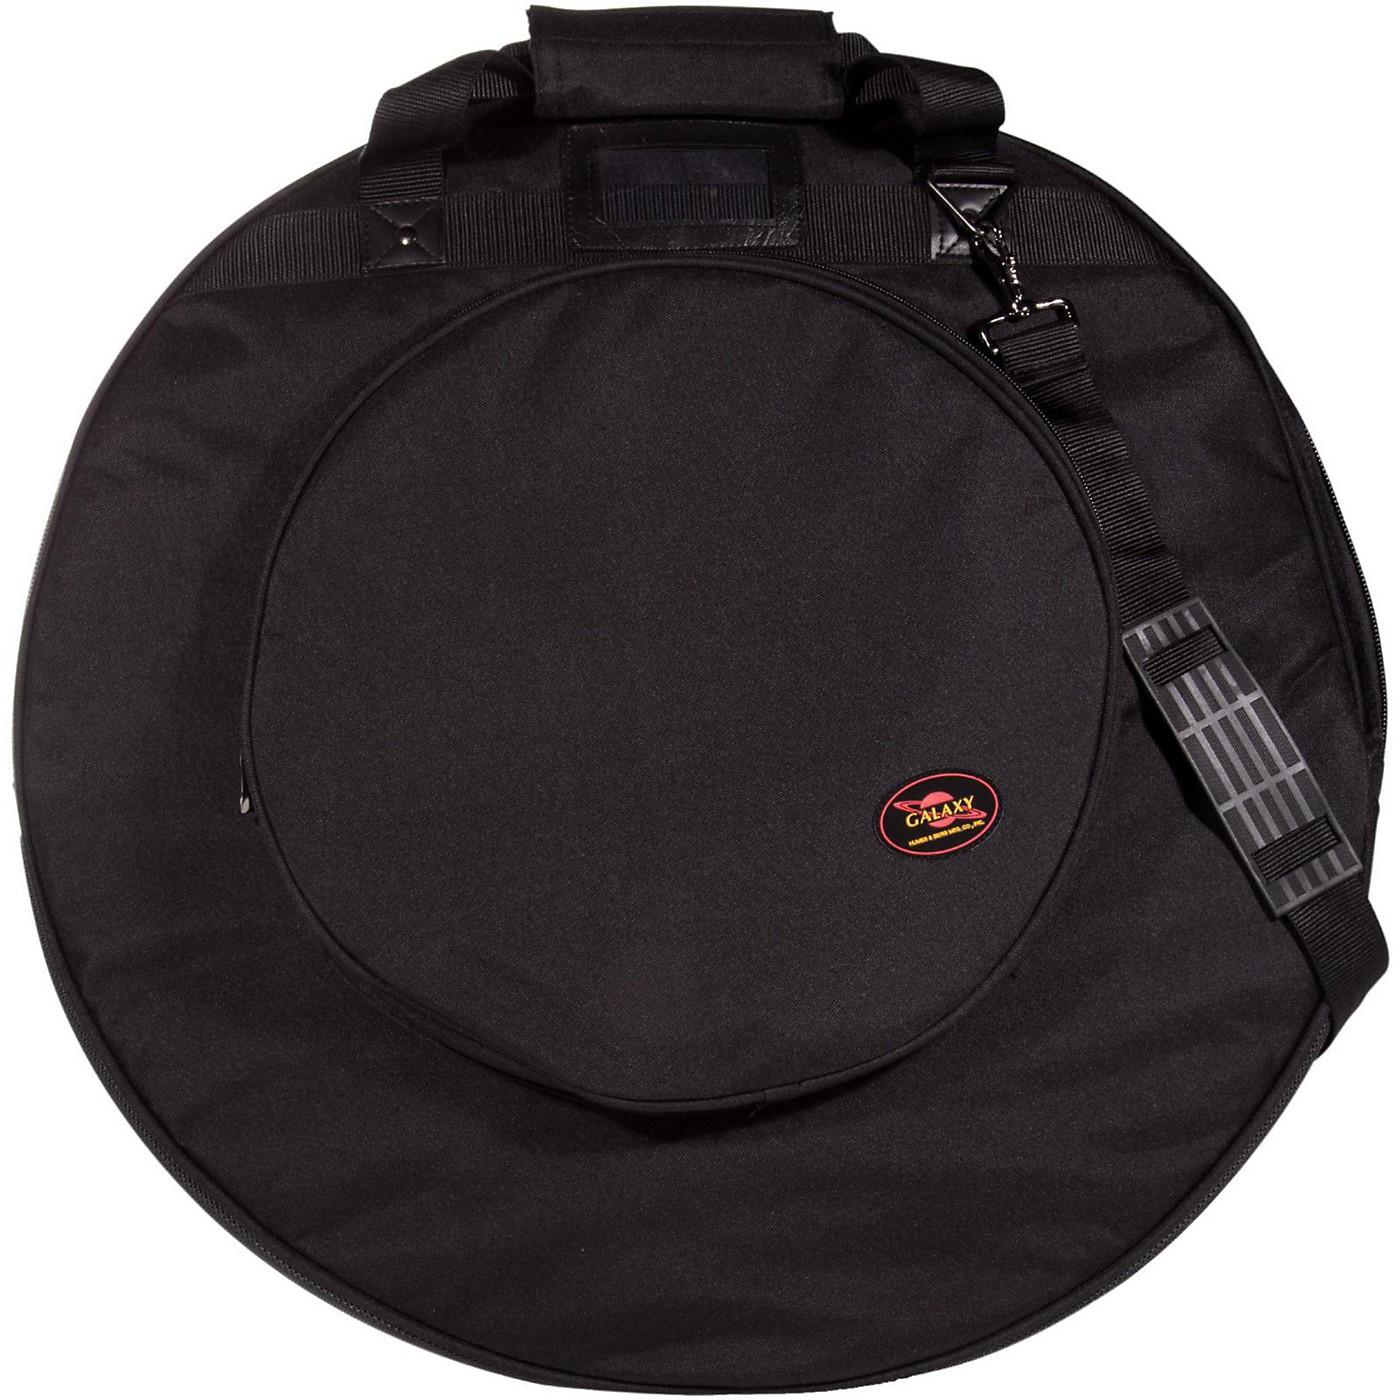 Humes & Berg Galaxy Cymbal Bag thumbnail